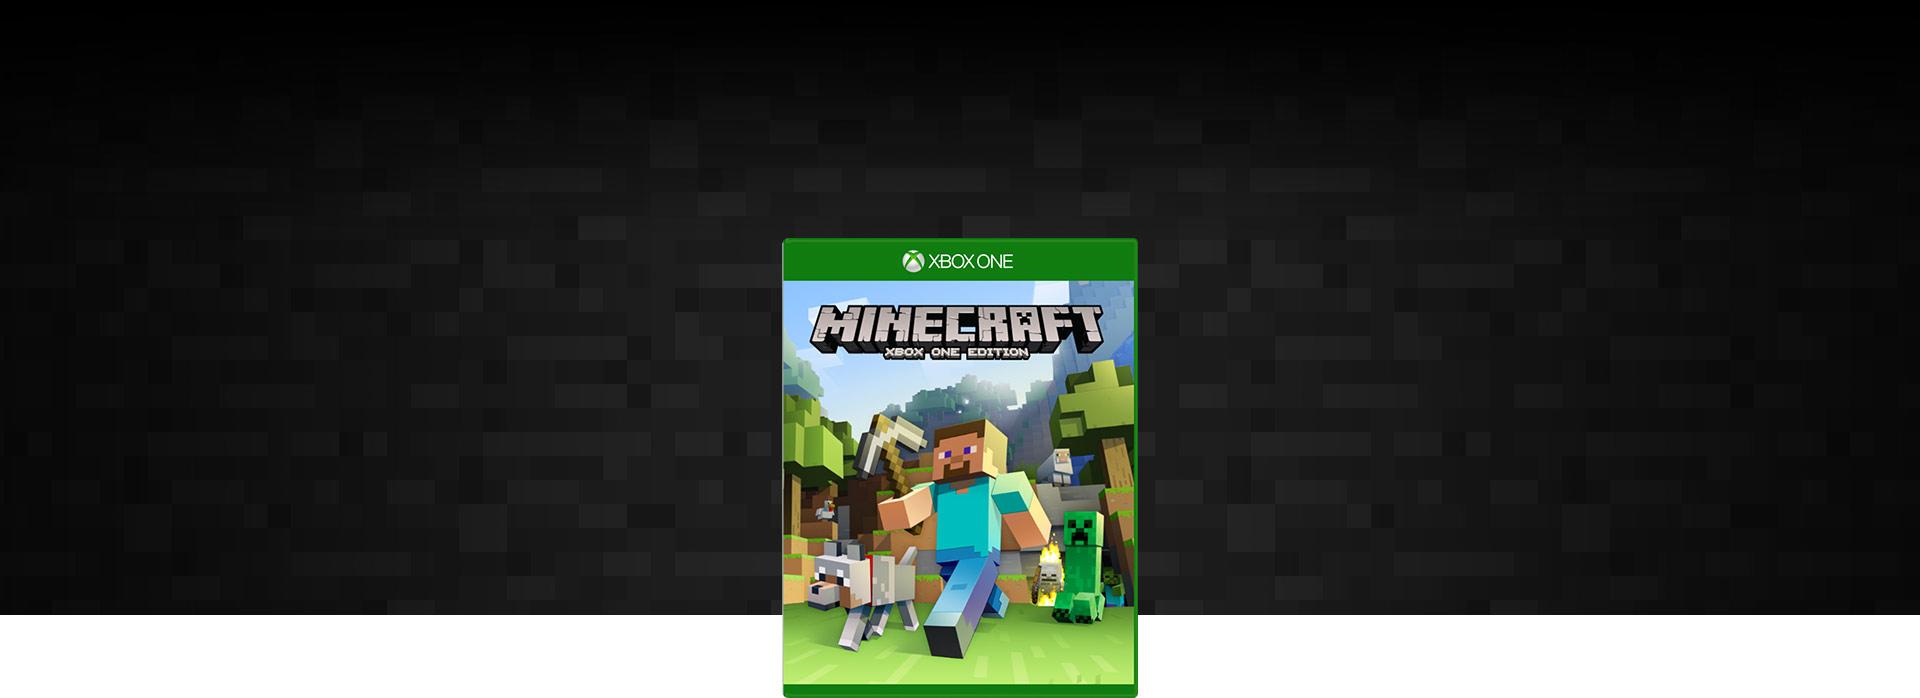 Minecraft, bild på förpackning